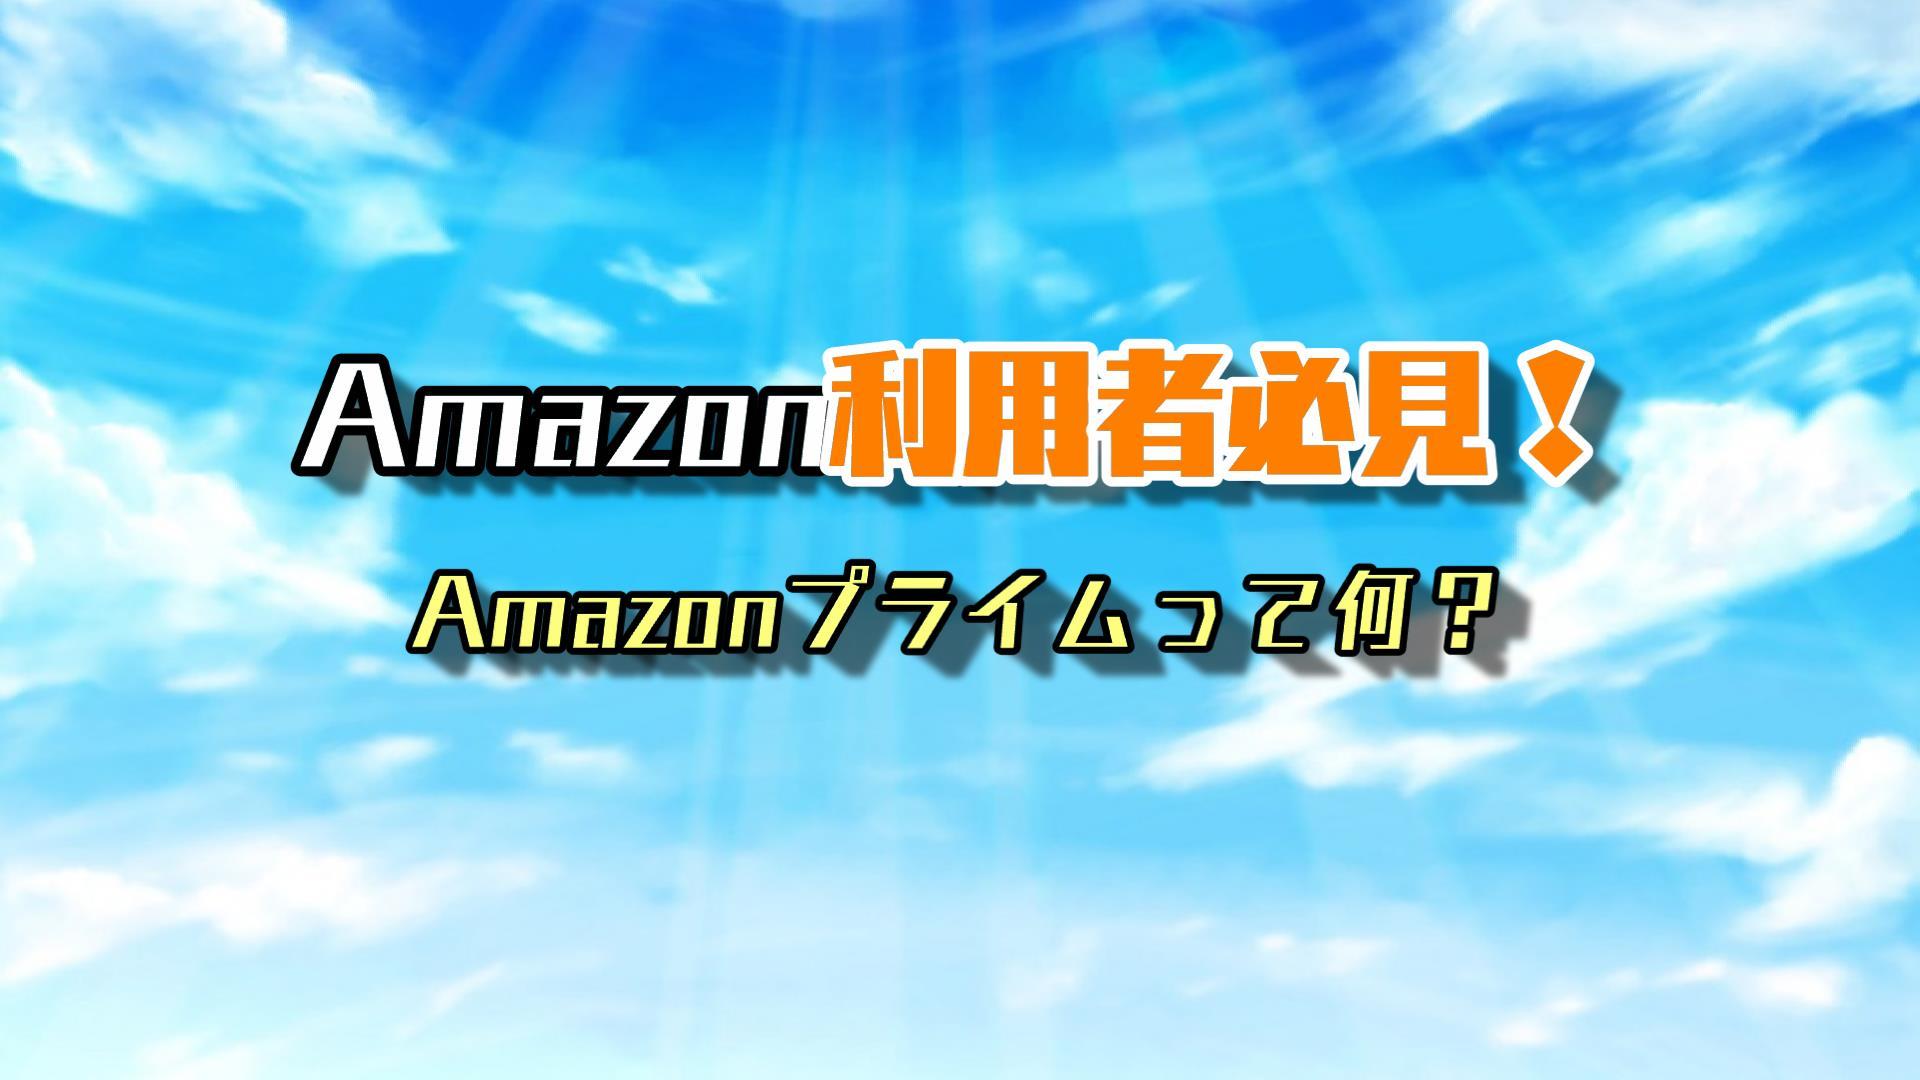 Amazonプライムって何?